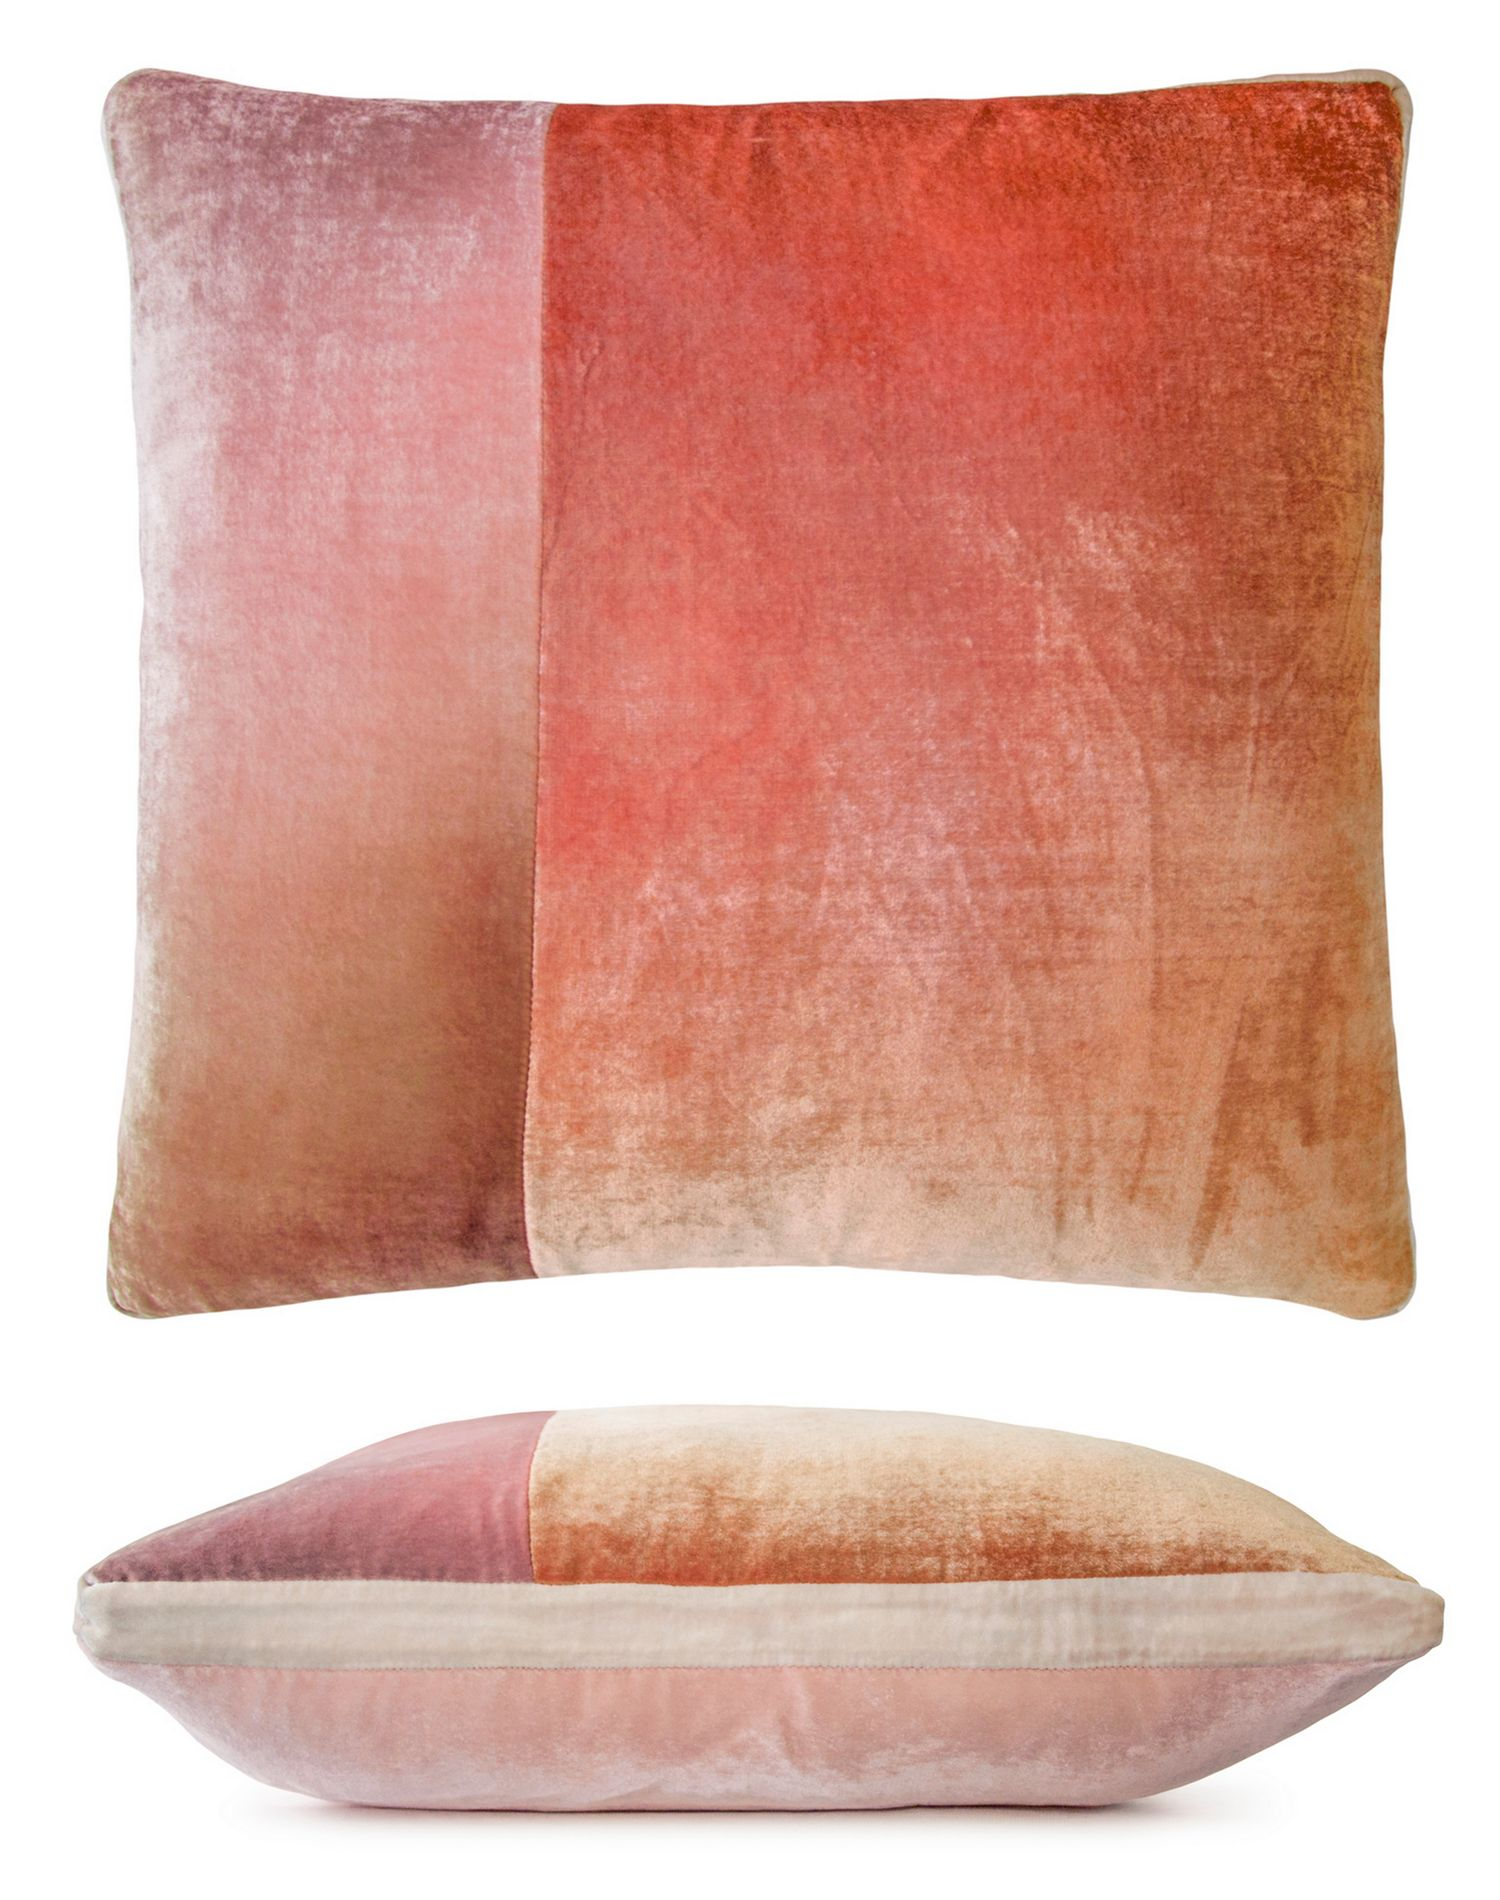 kevin o brien studio color block decorative pillow